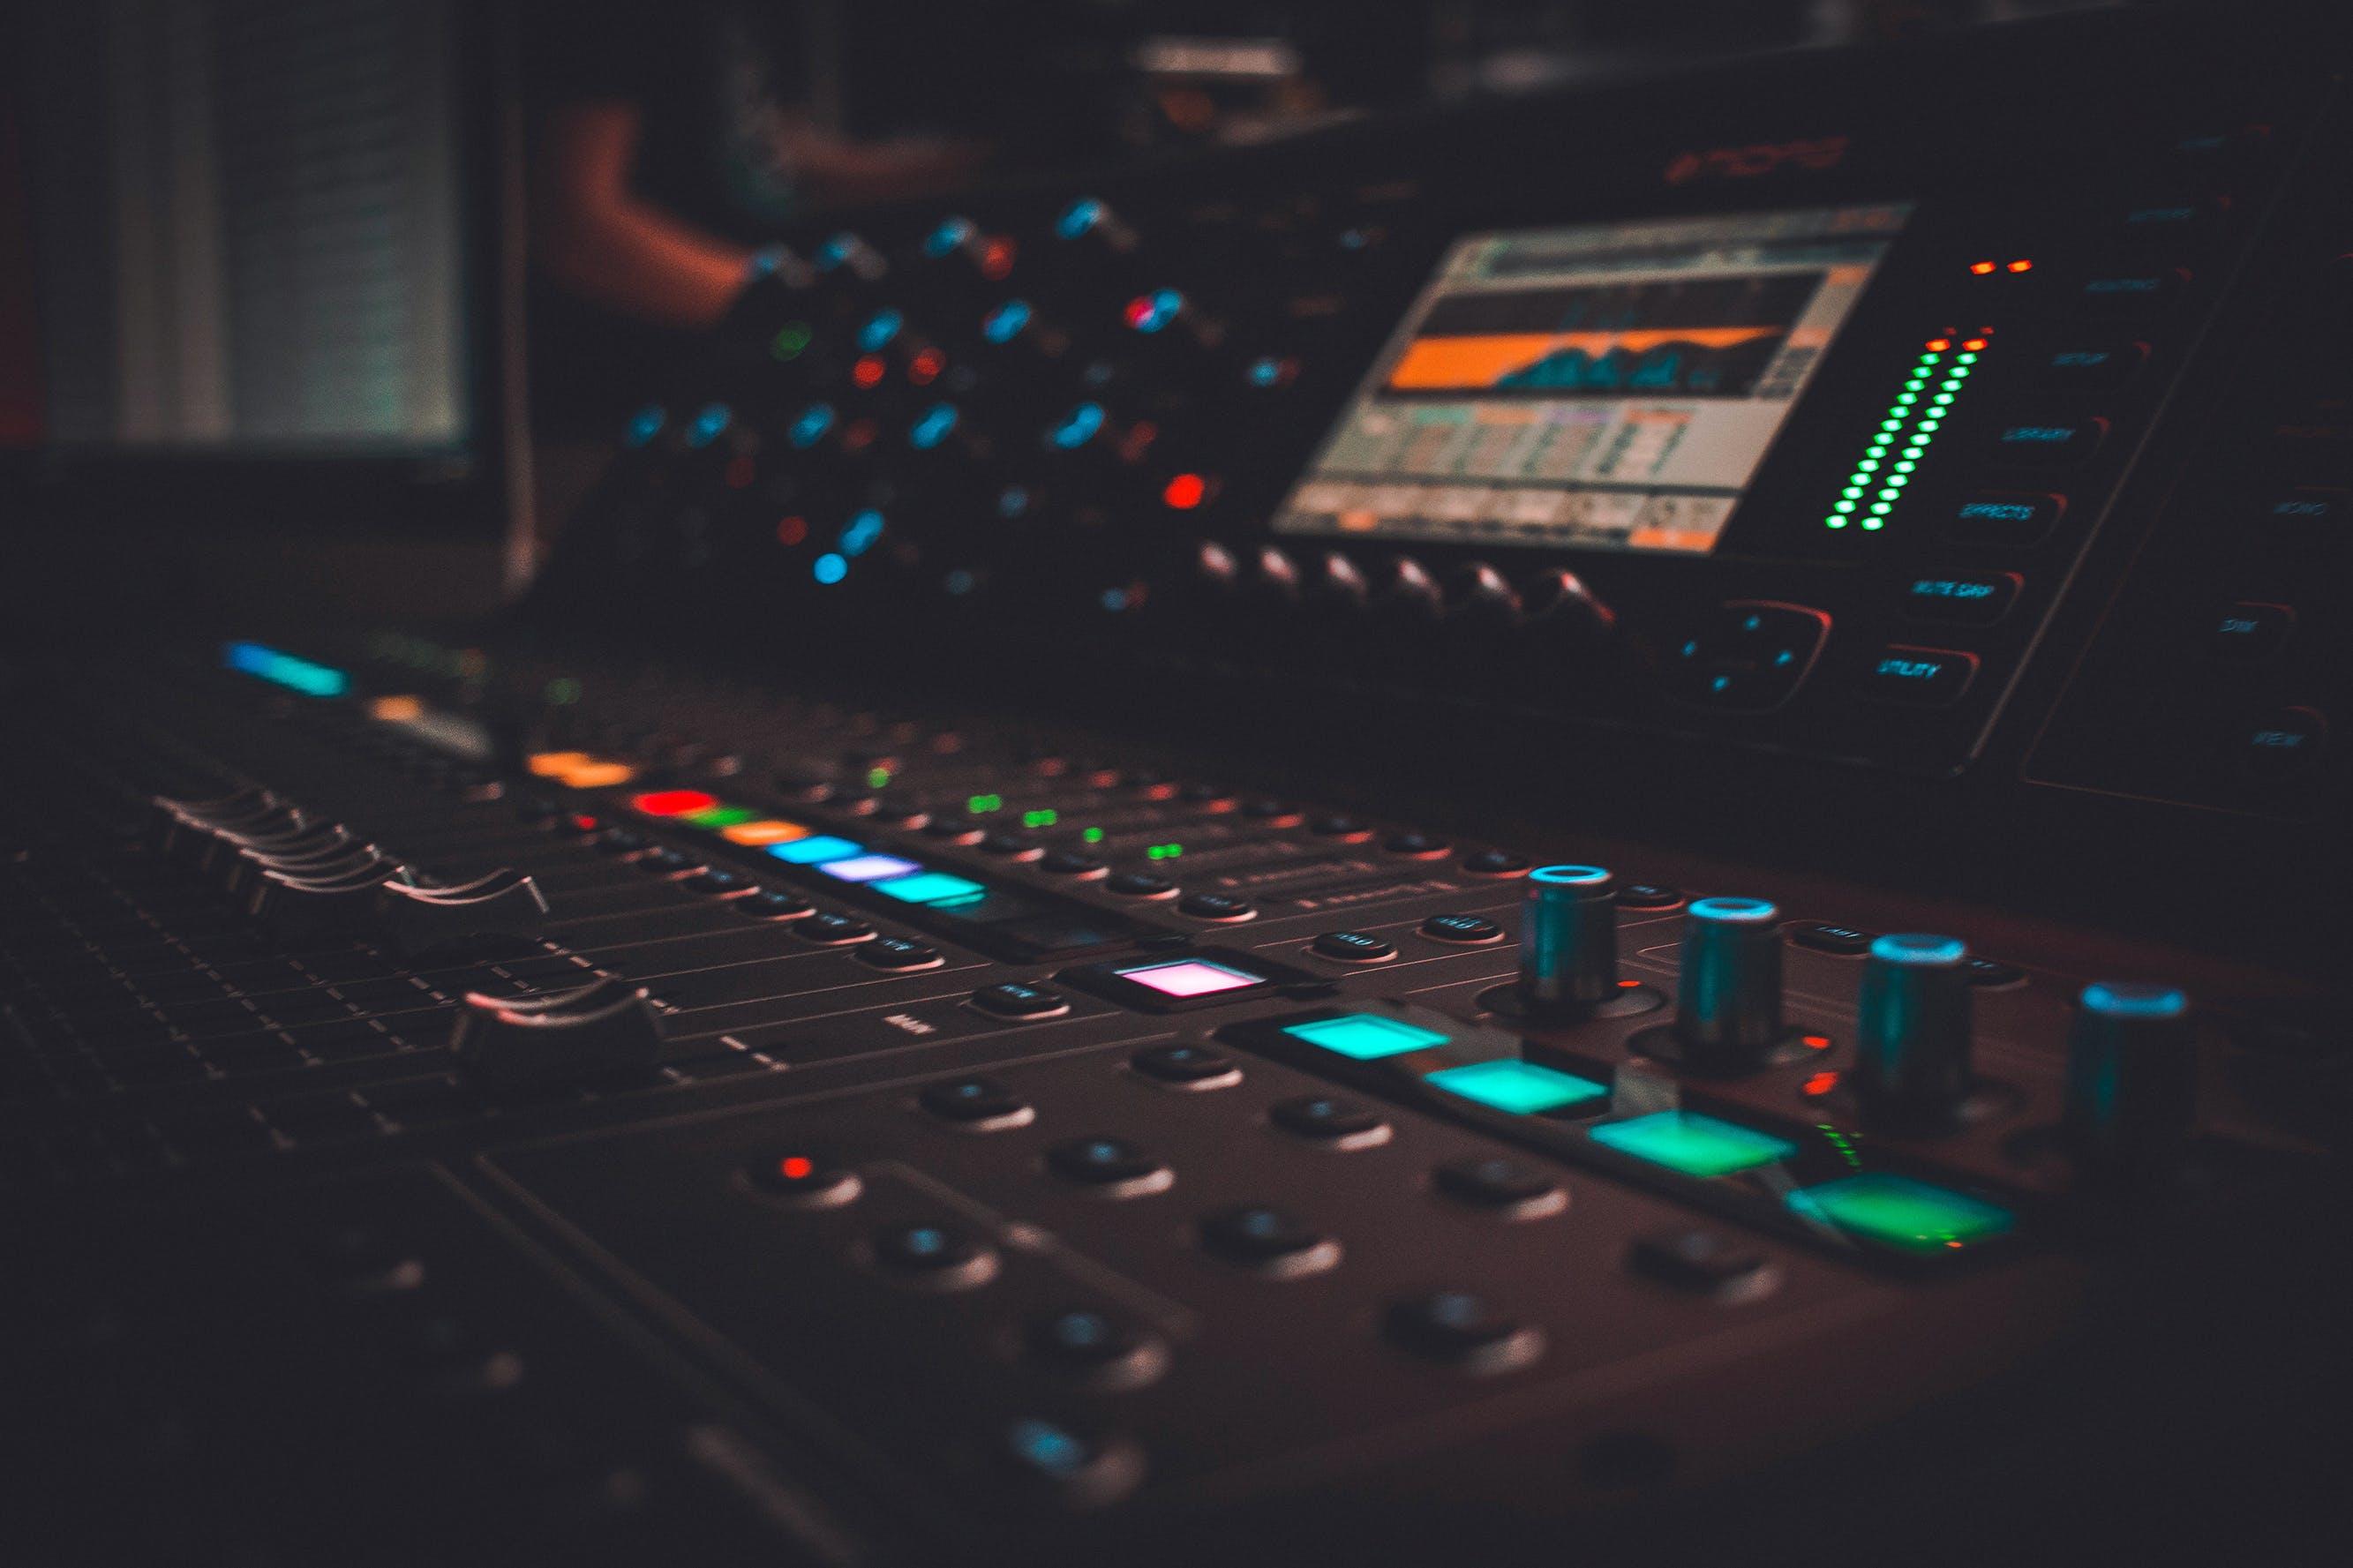 Europees songwriting camp lanceert open call voor artiesten